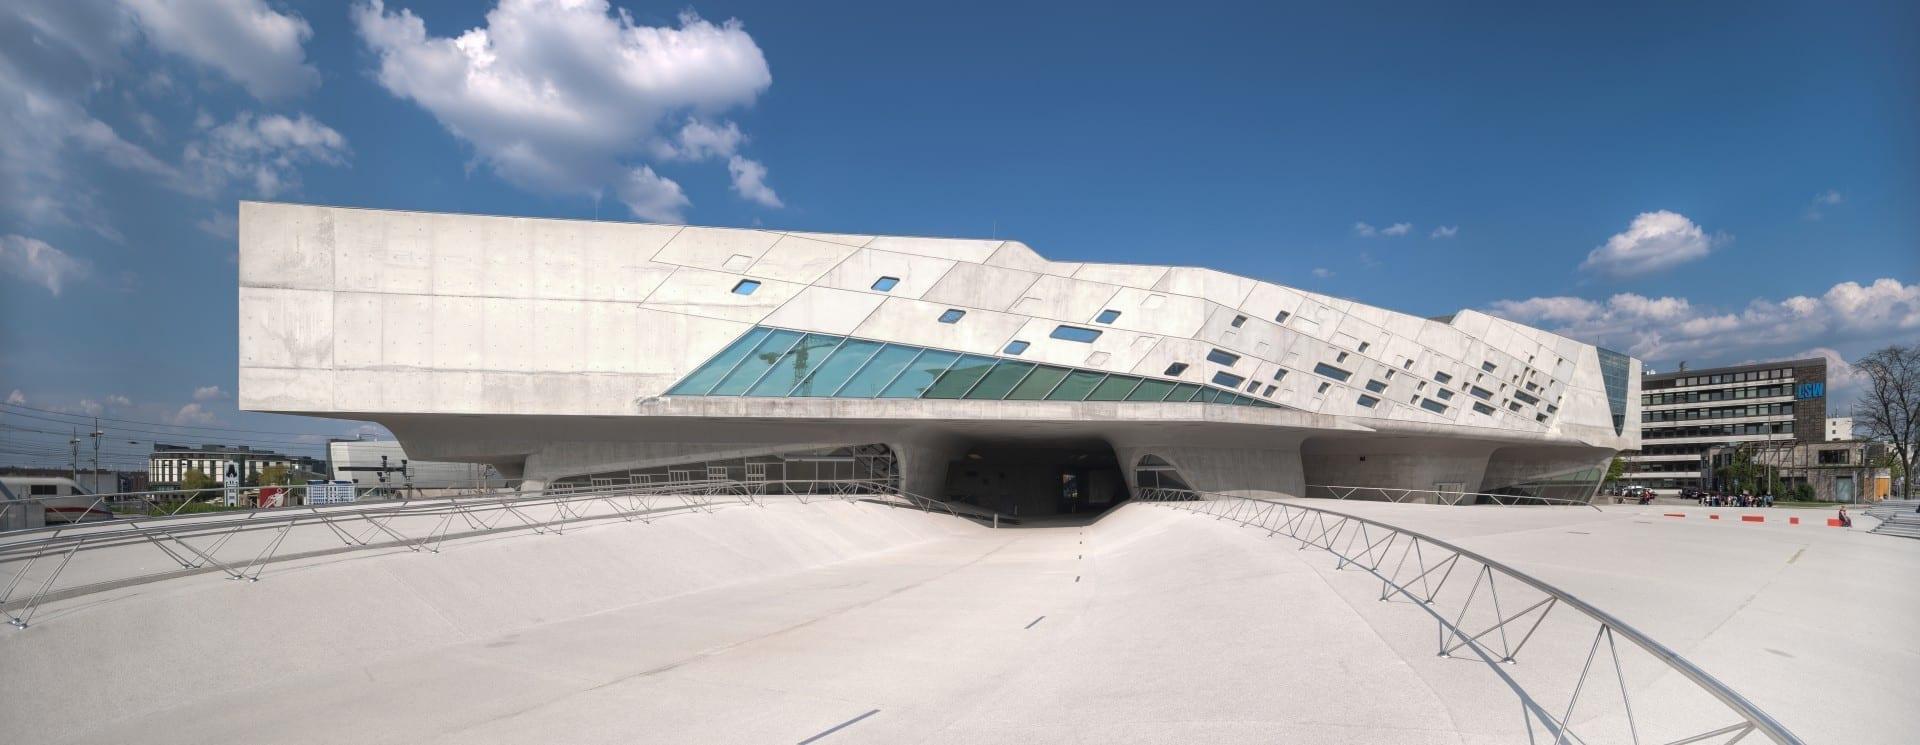 El Faeno visto desde el exterior, la arquitectura llamará la atención, no importa lo que pienses de ella. Wolfsburgo Alemania